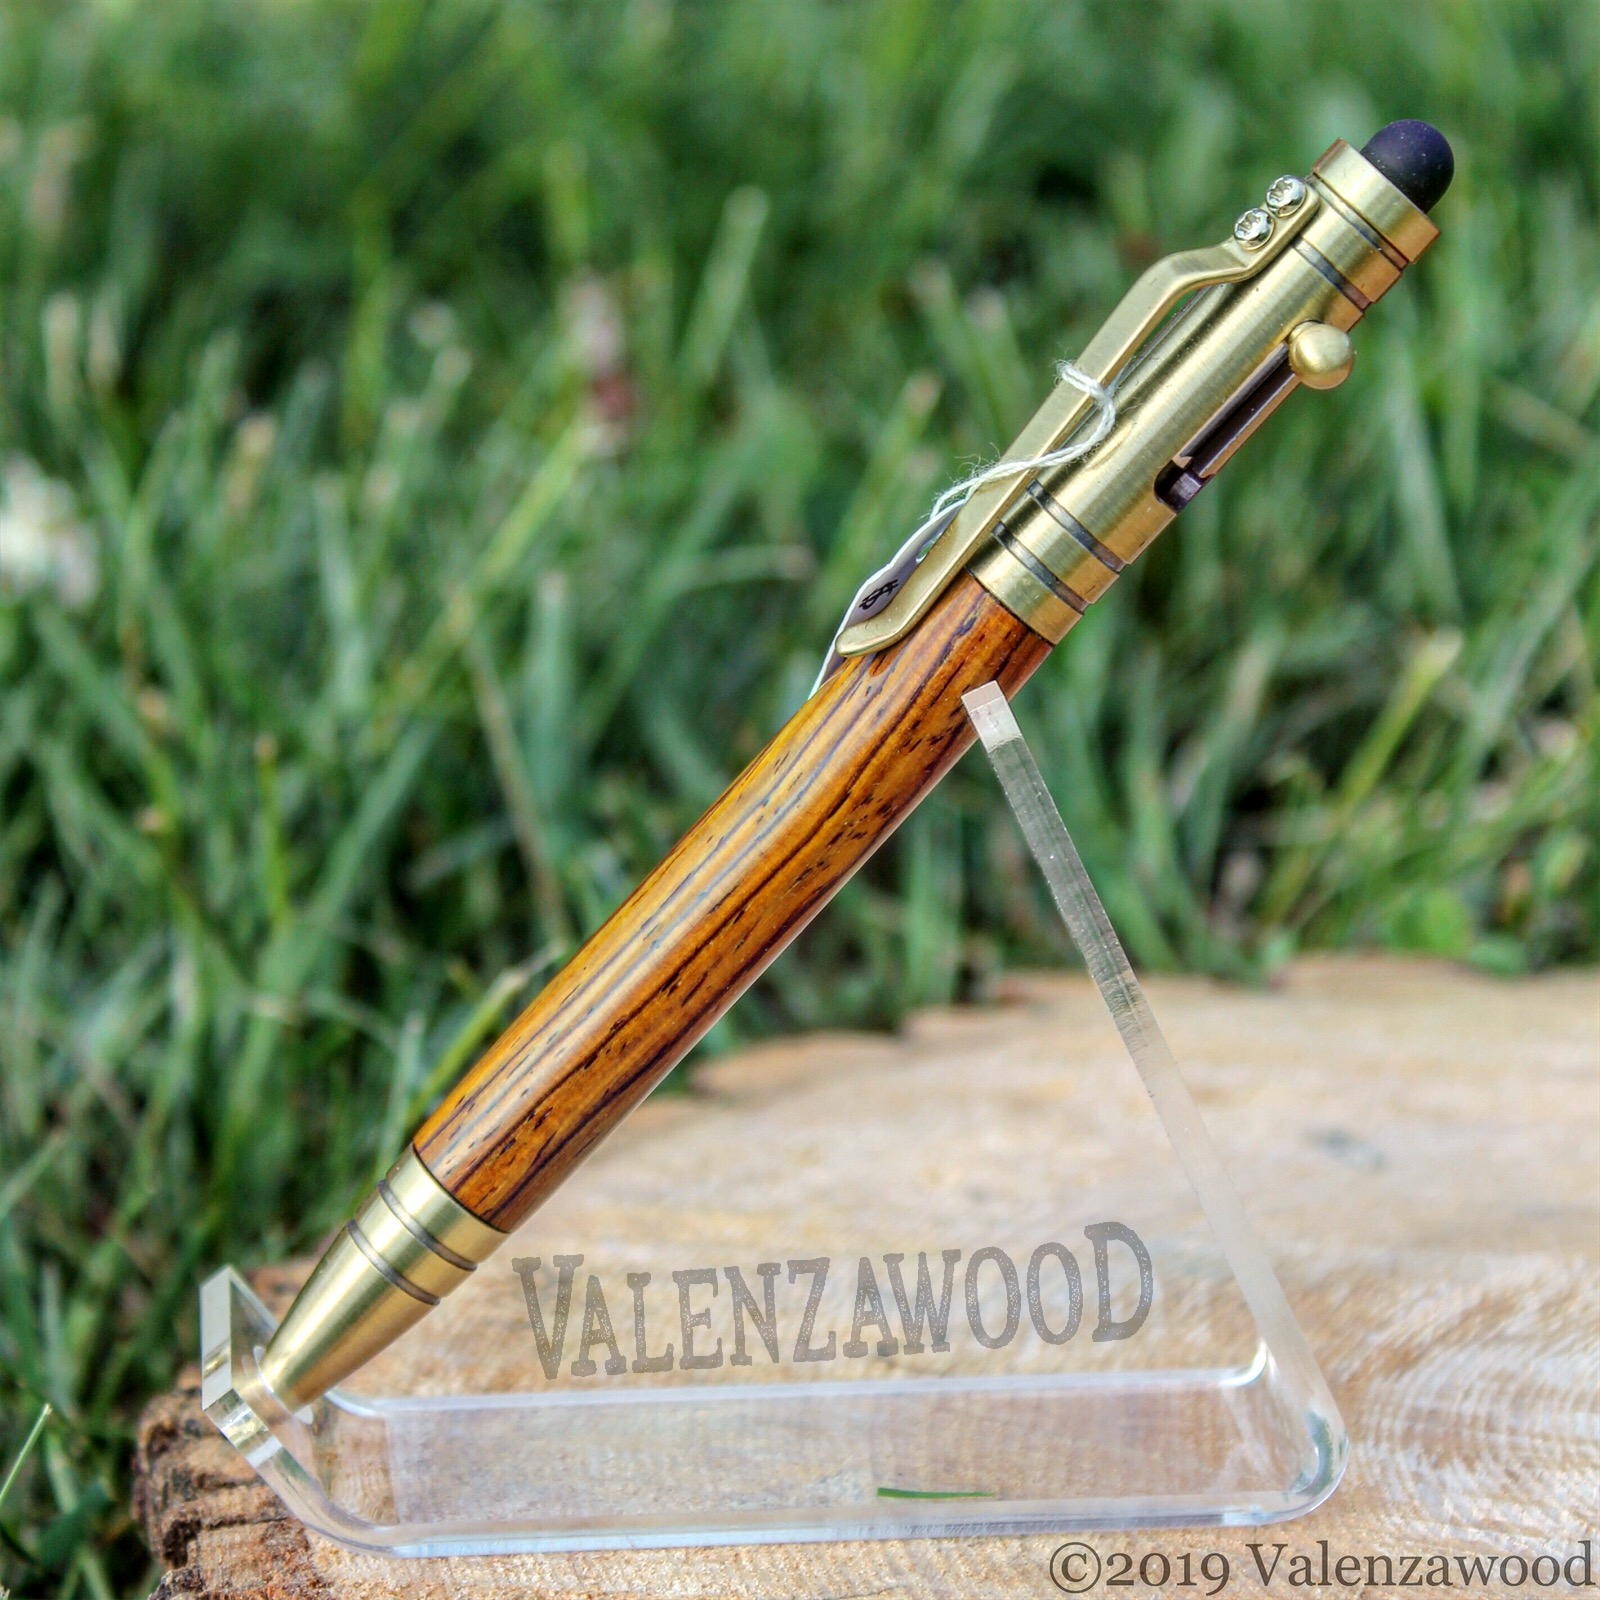 Cocobolo - Cocobolo Wood | Tec Style | Bolt Action | Antique Nrass Trim | Ballpoint Pen